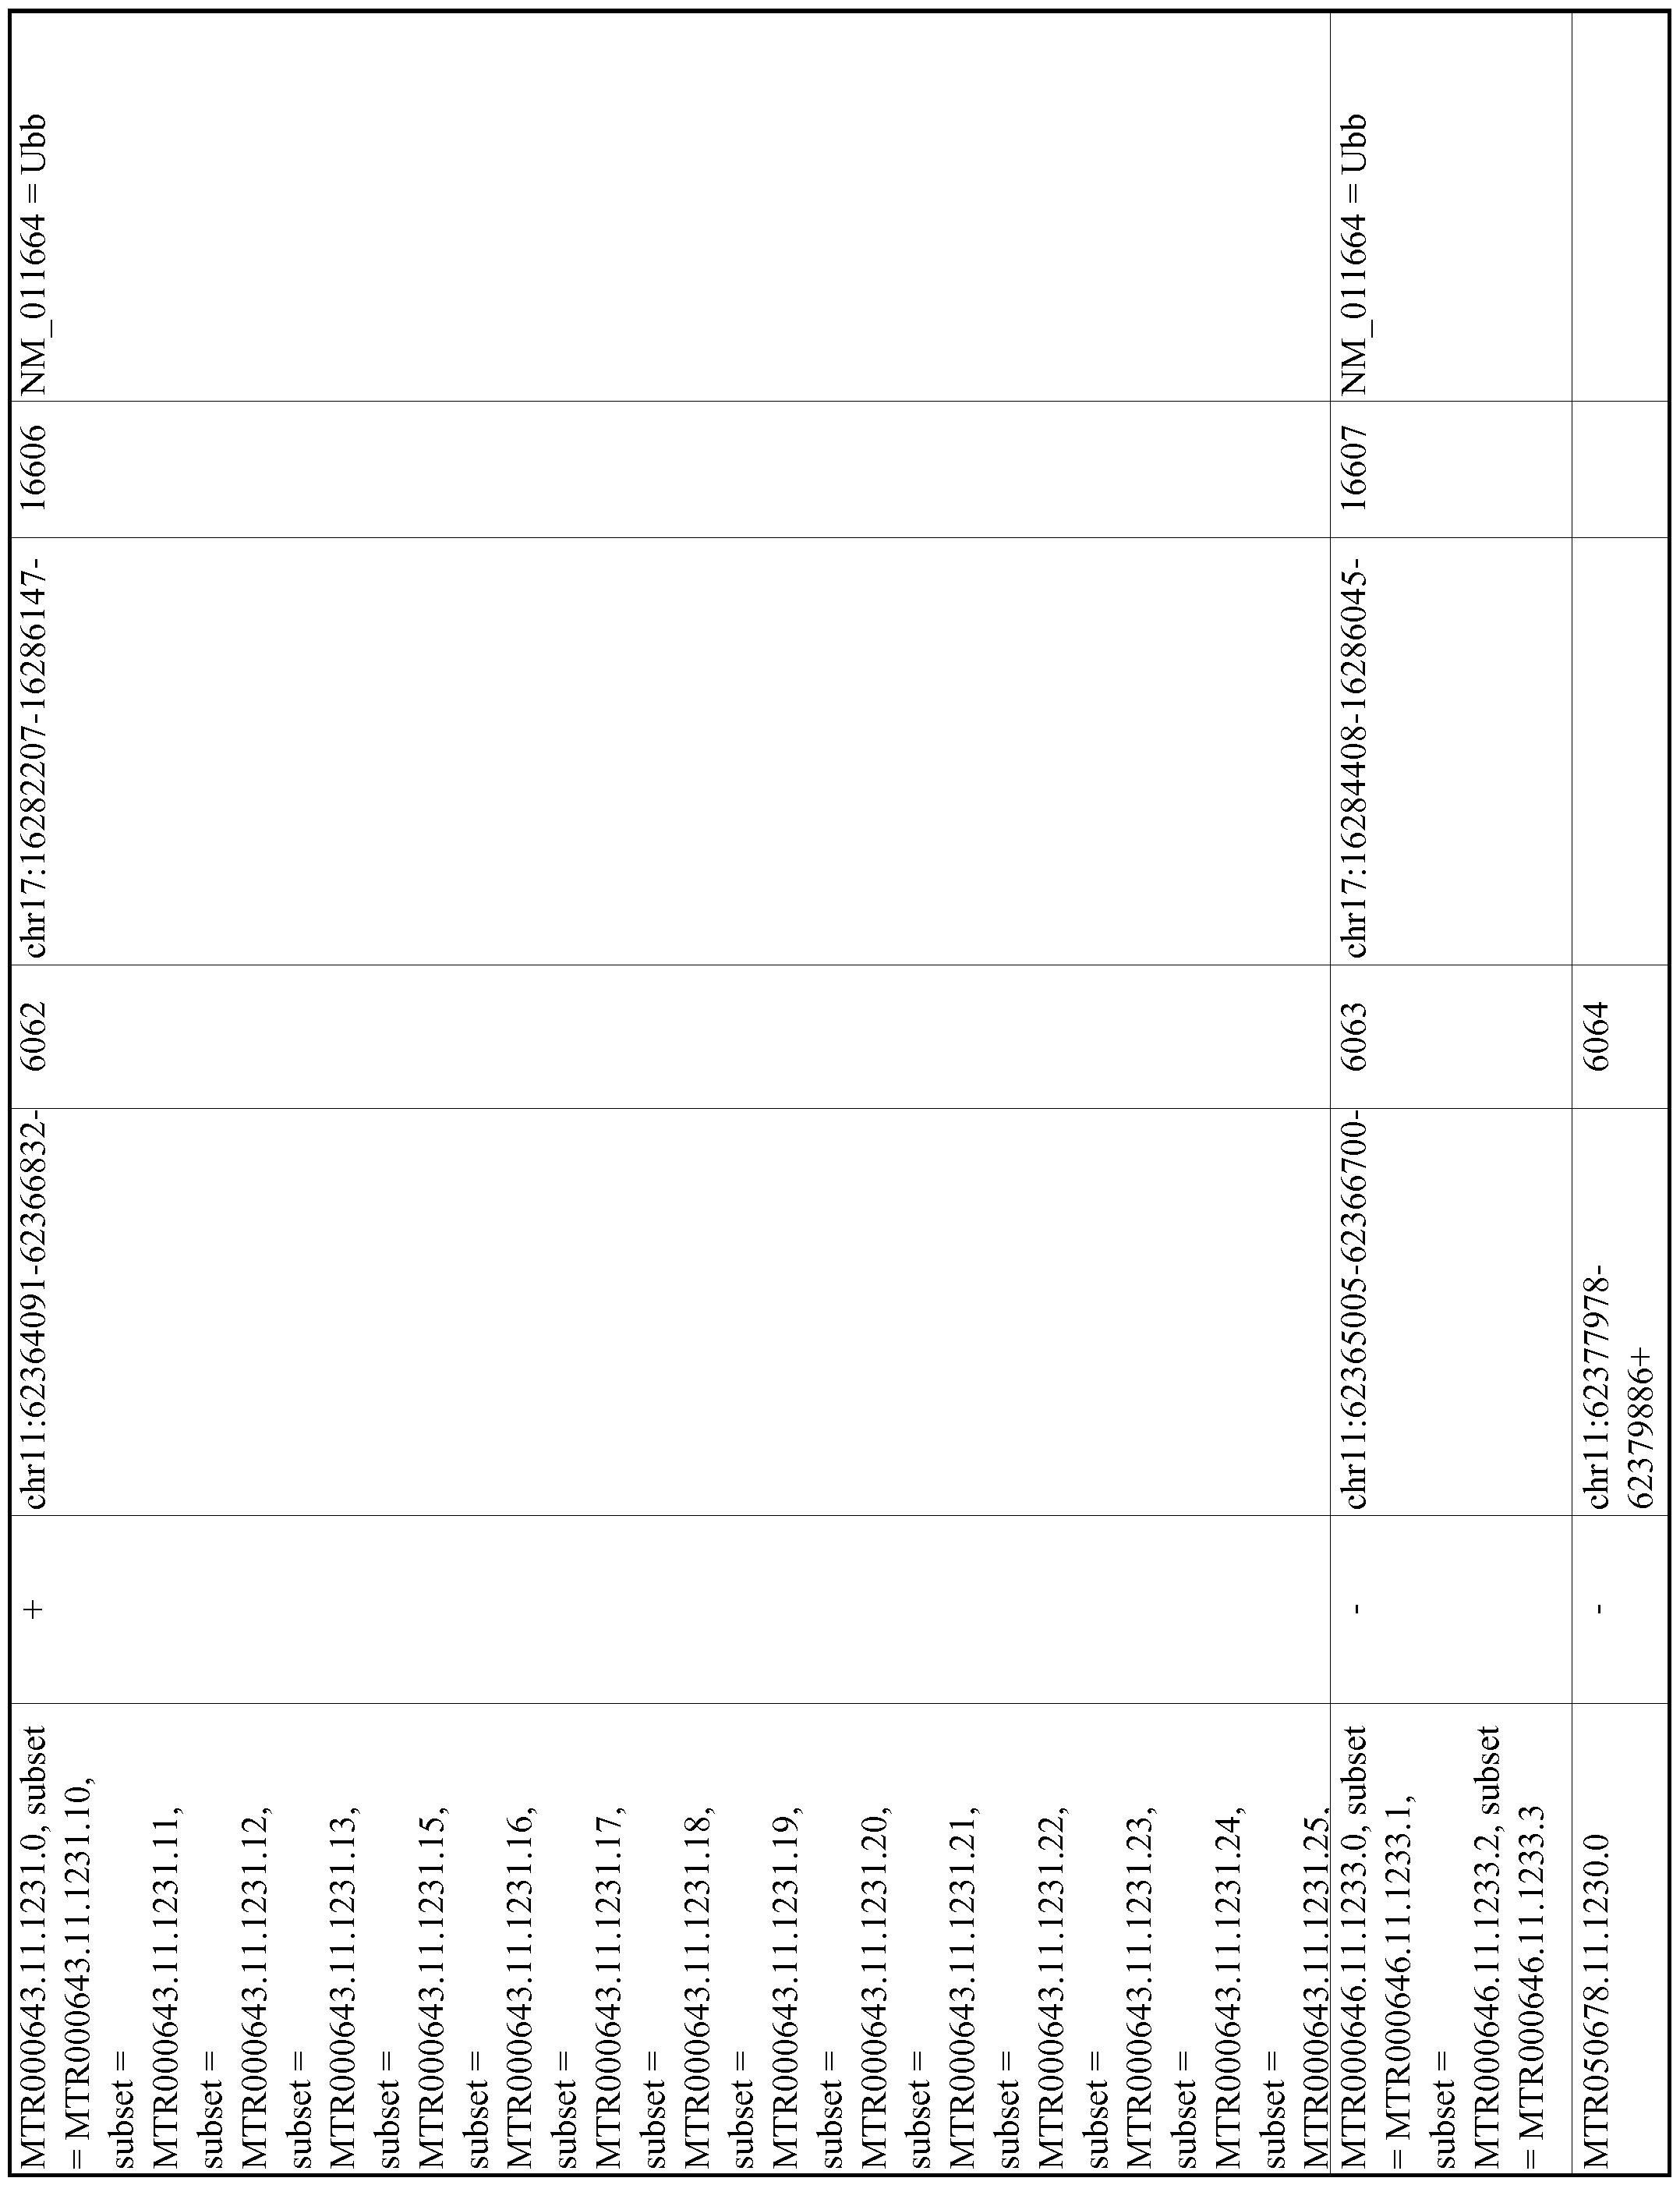 Figure imgf001092_0001